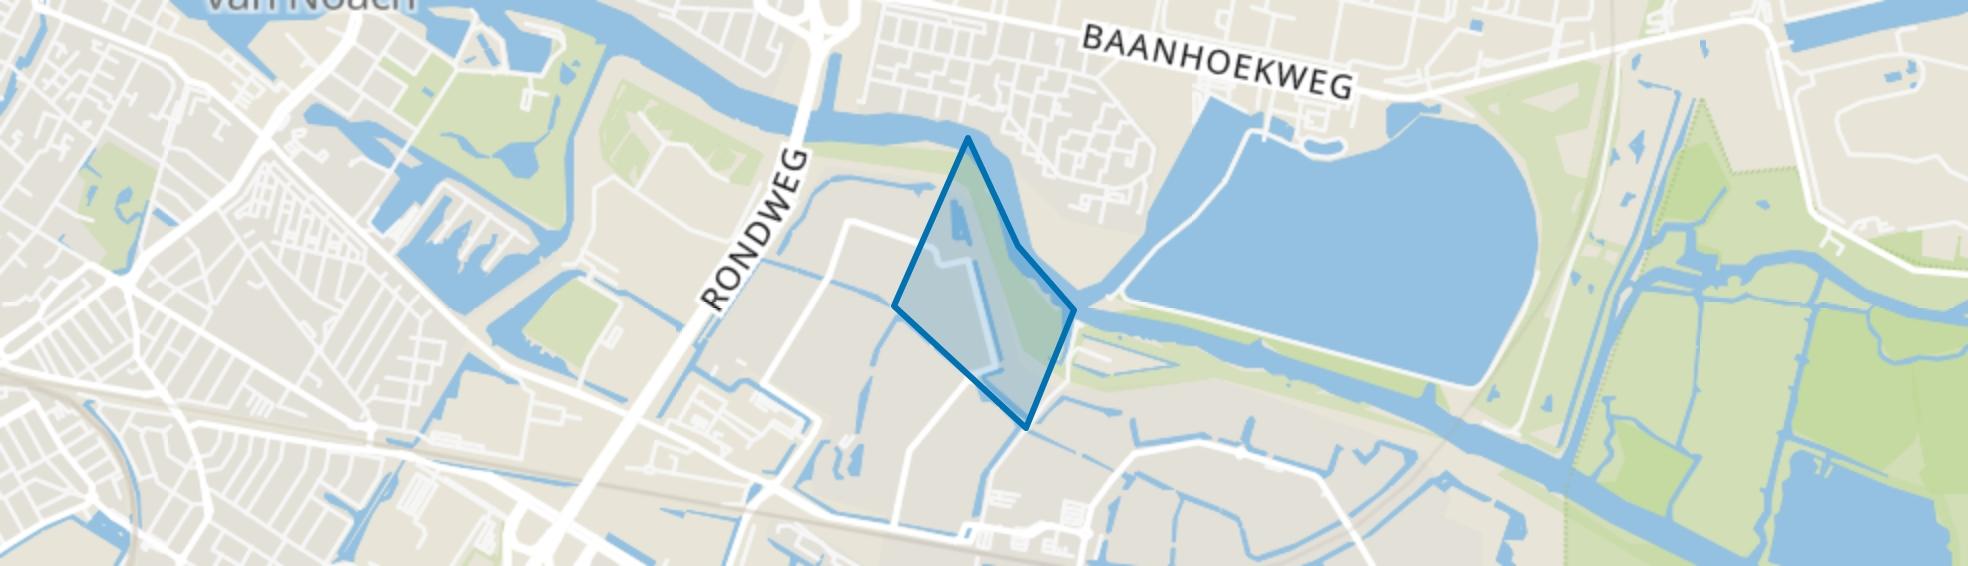 Azobe en omgeving, Dordrecht map